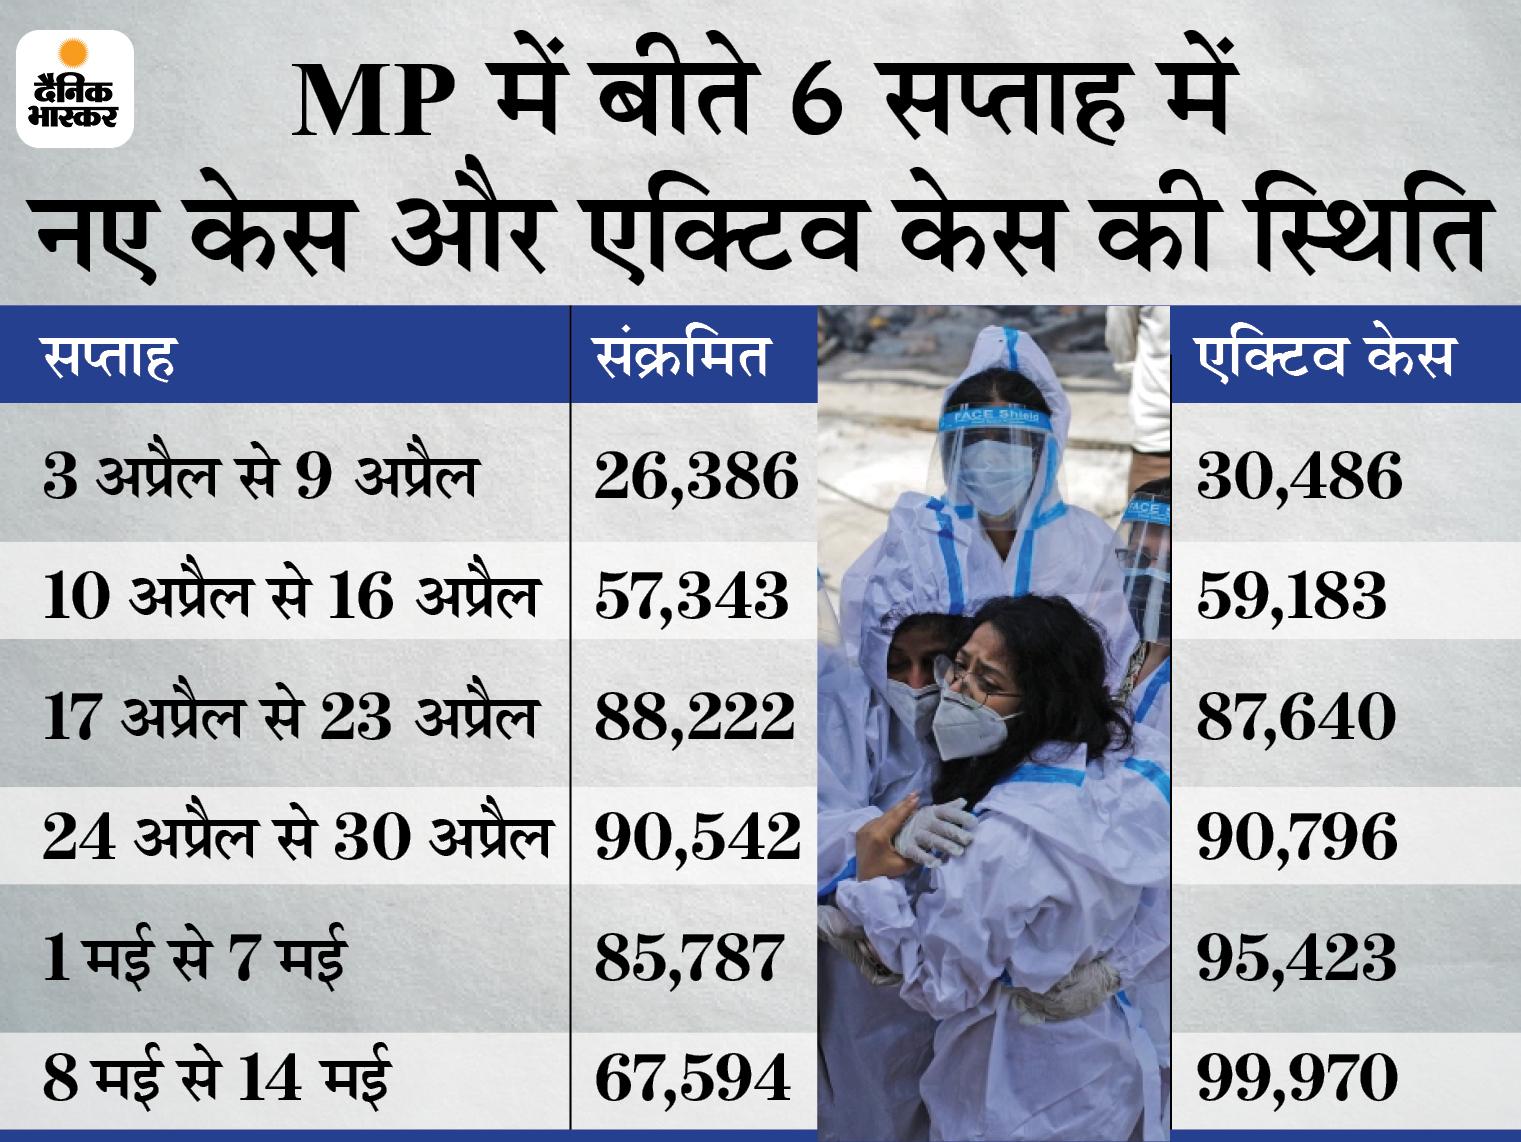 24 घंटे में 7,571 नए केस आए, यह बीते एक महीने में सबसे कम; रीवा, रायसेन, सागर और विदिशा में 31 मई तक लॉकडाउन बढ़ा|मध्य प्रदेश,Madhya Pradesh - Dainik Bhaskar